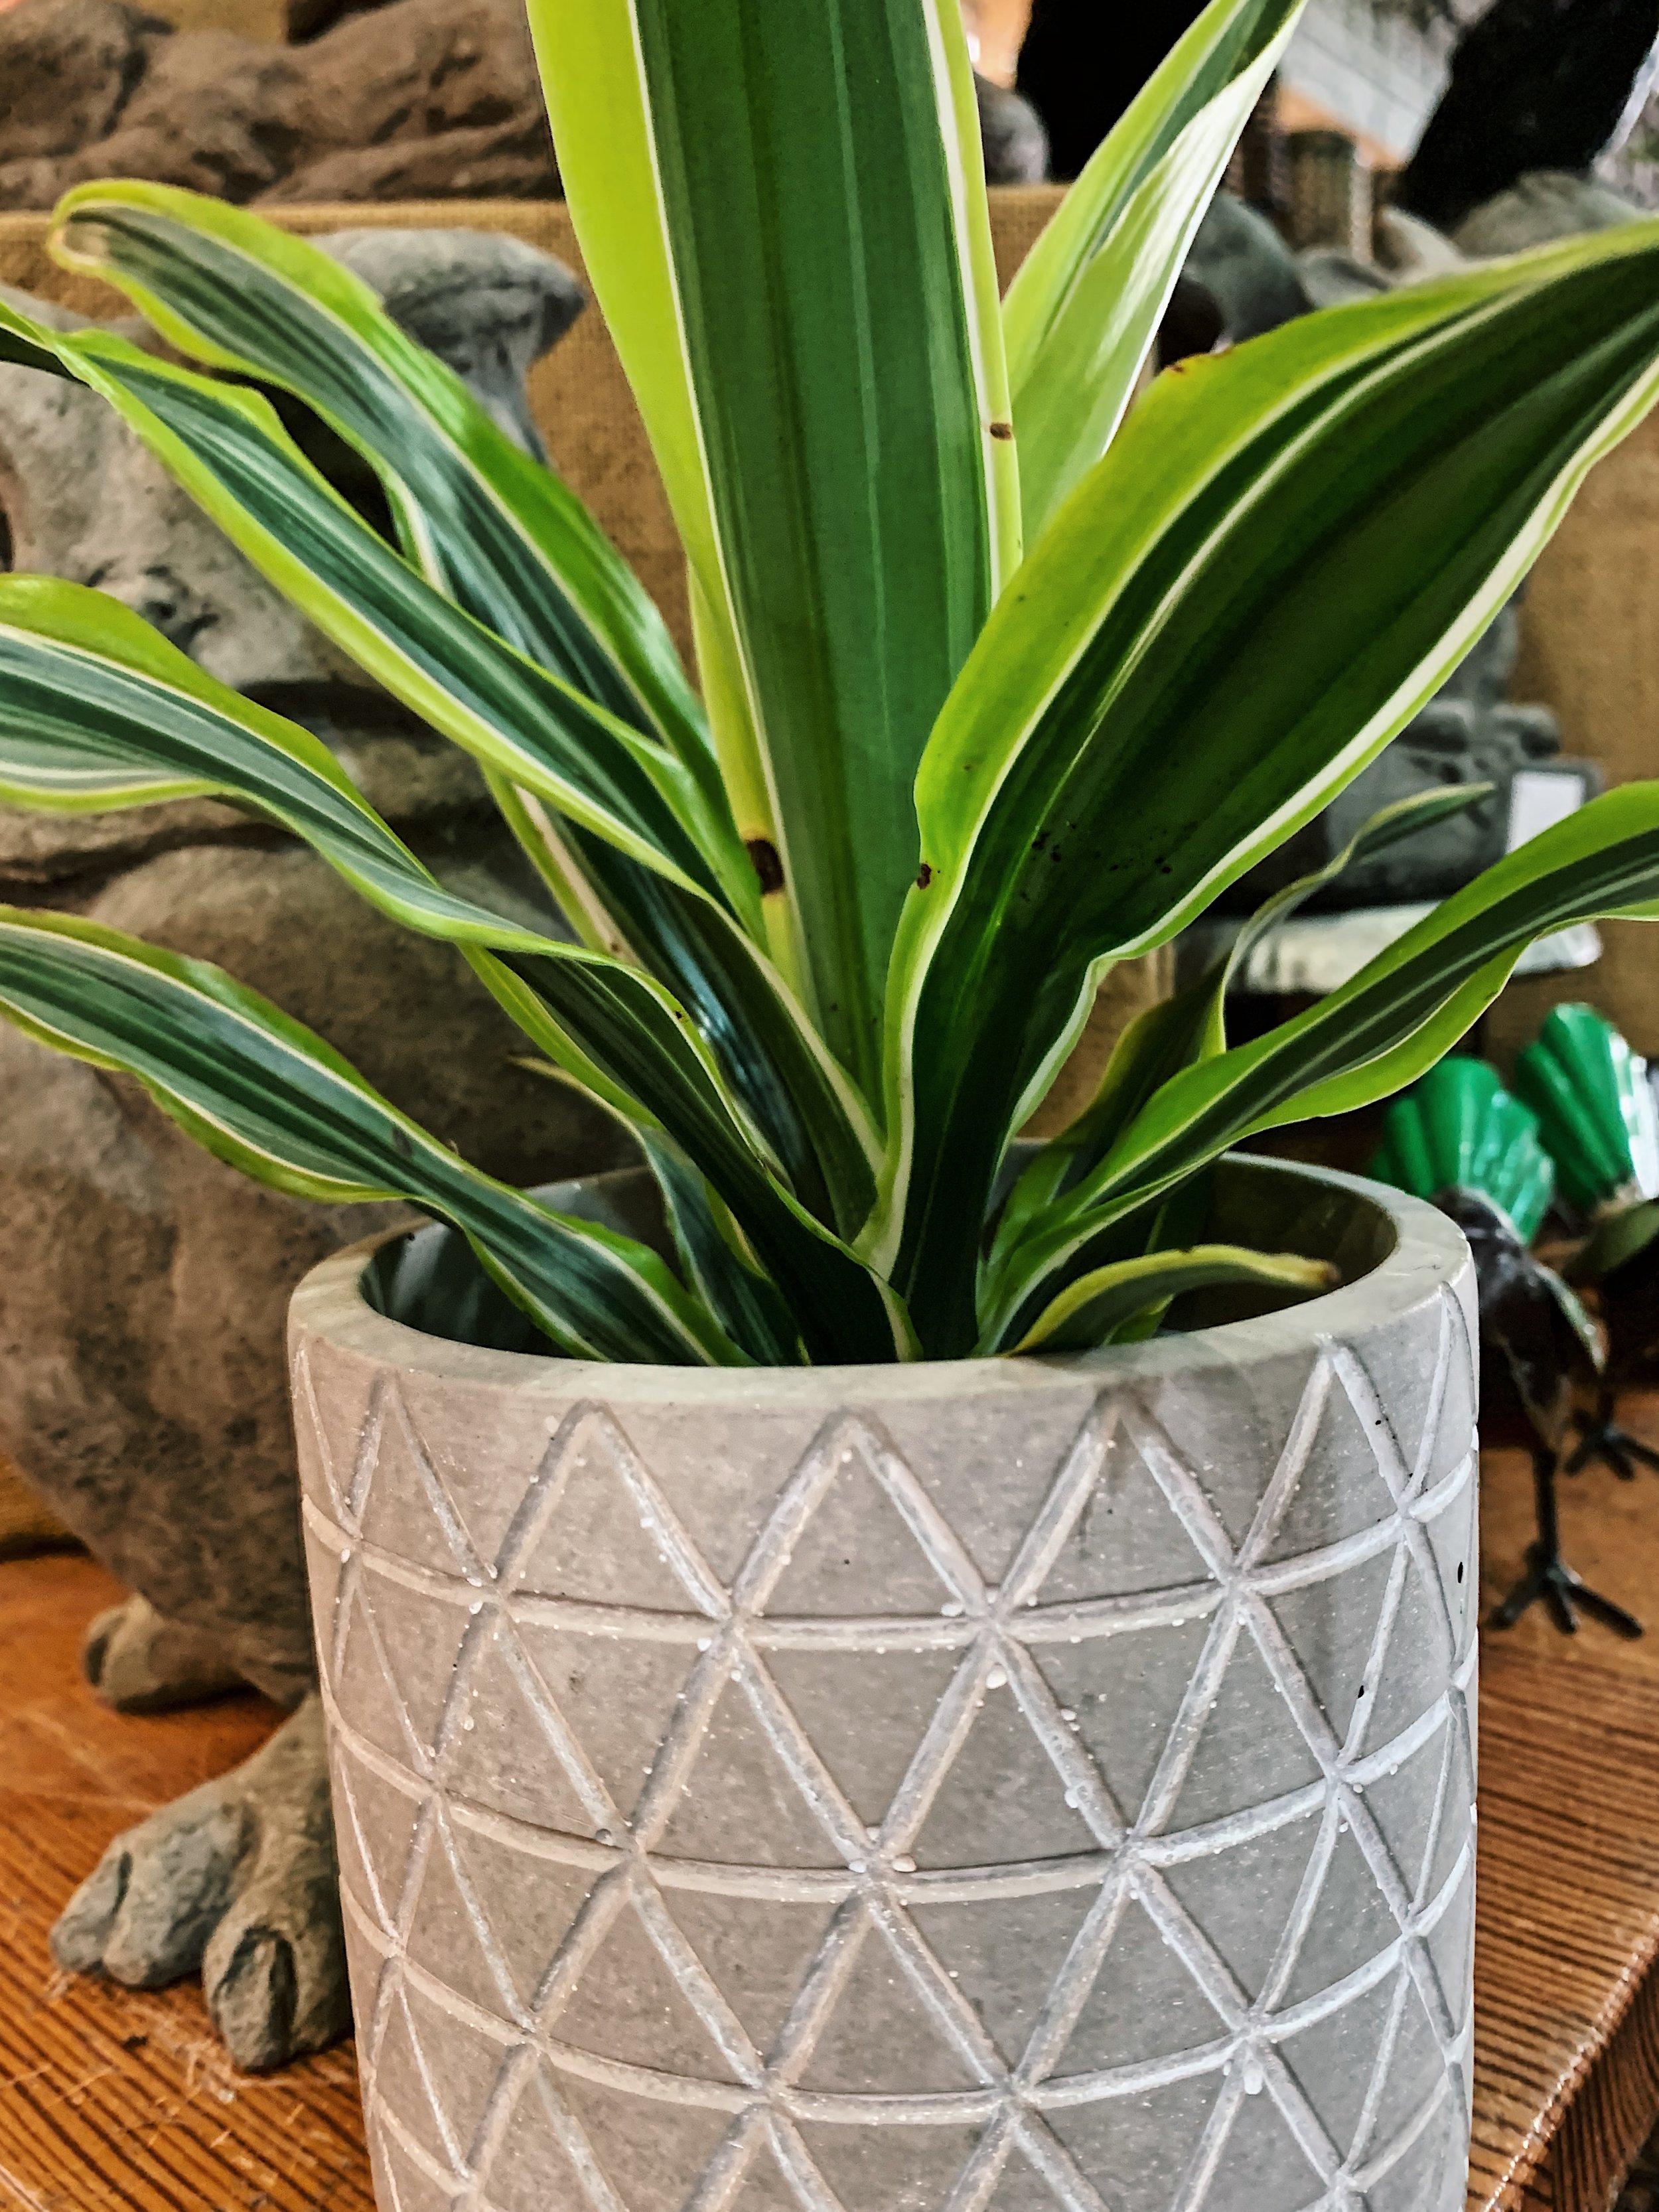 Dracaena Plant.jpeg